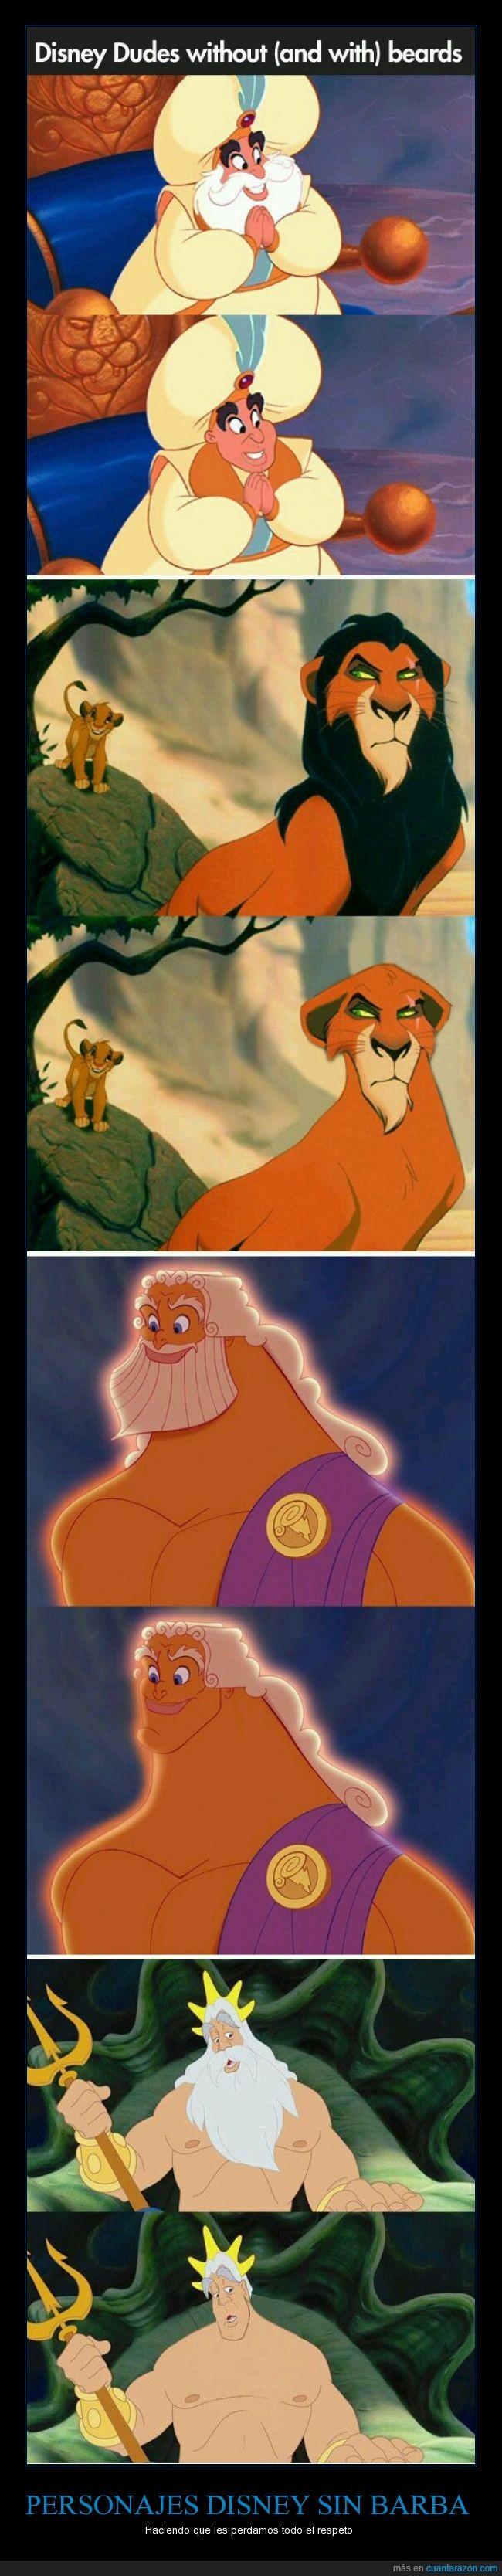 barba,Disney,humor,pelo,scar,triton